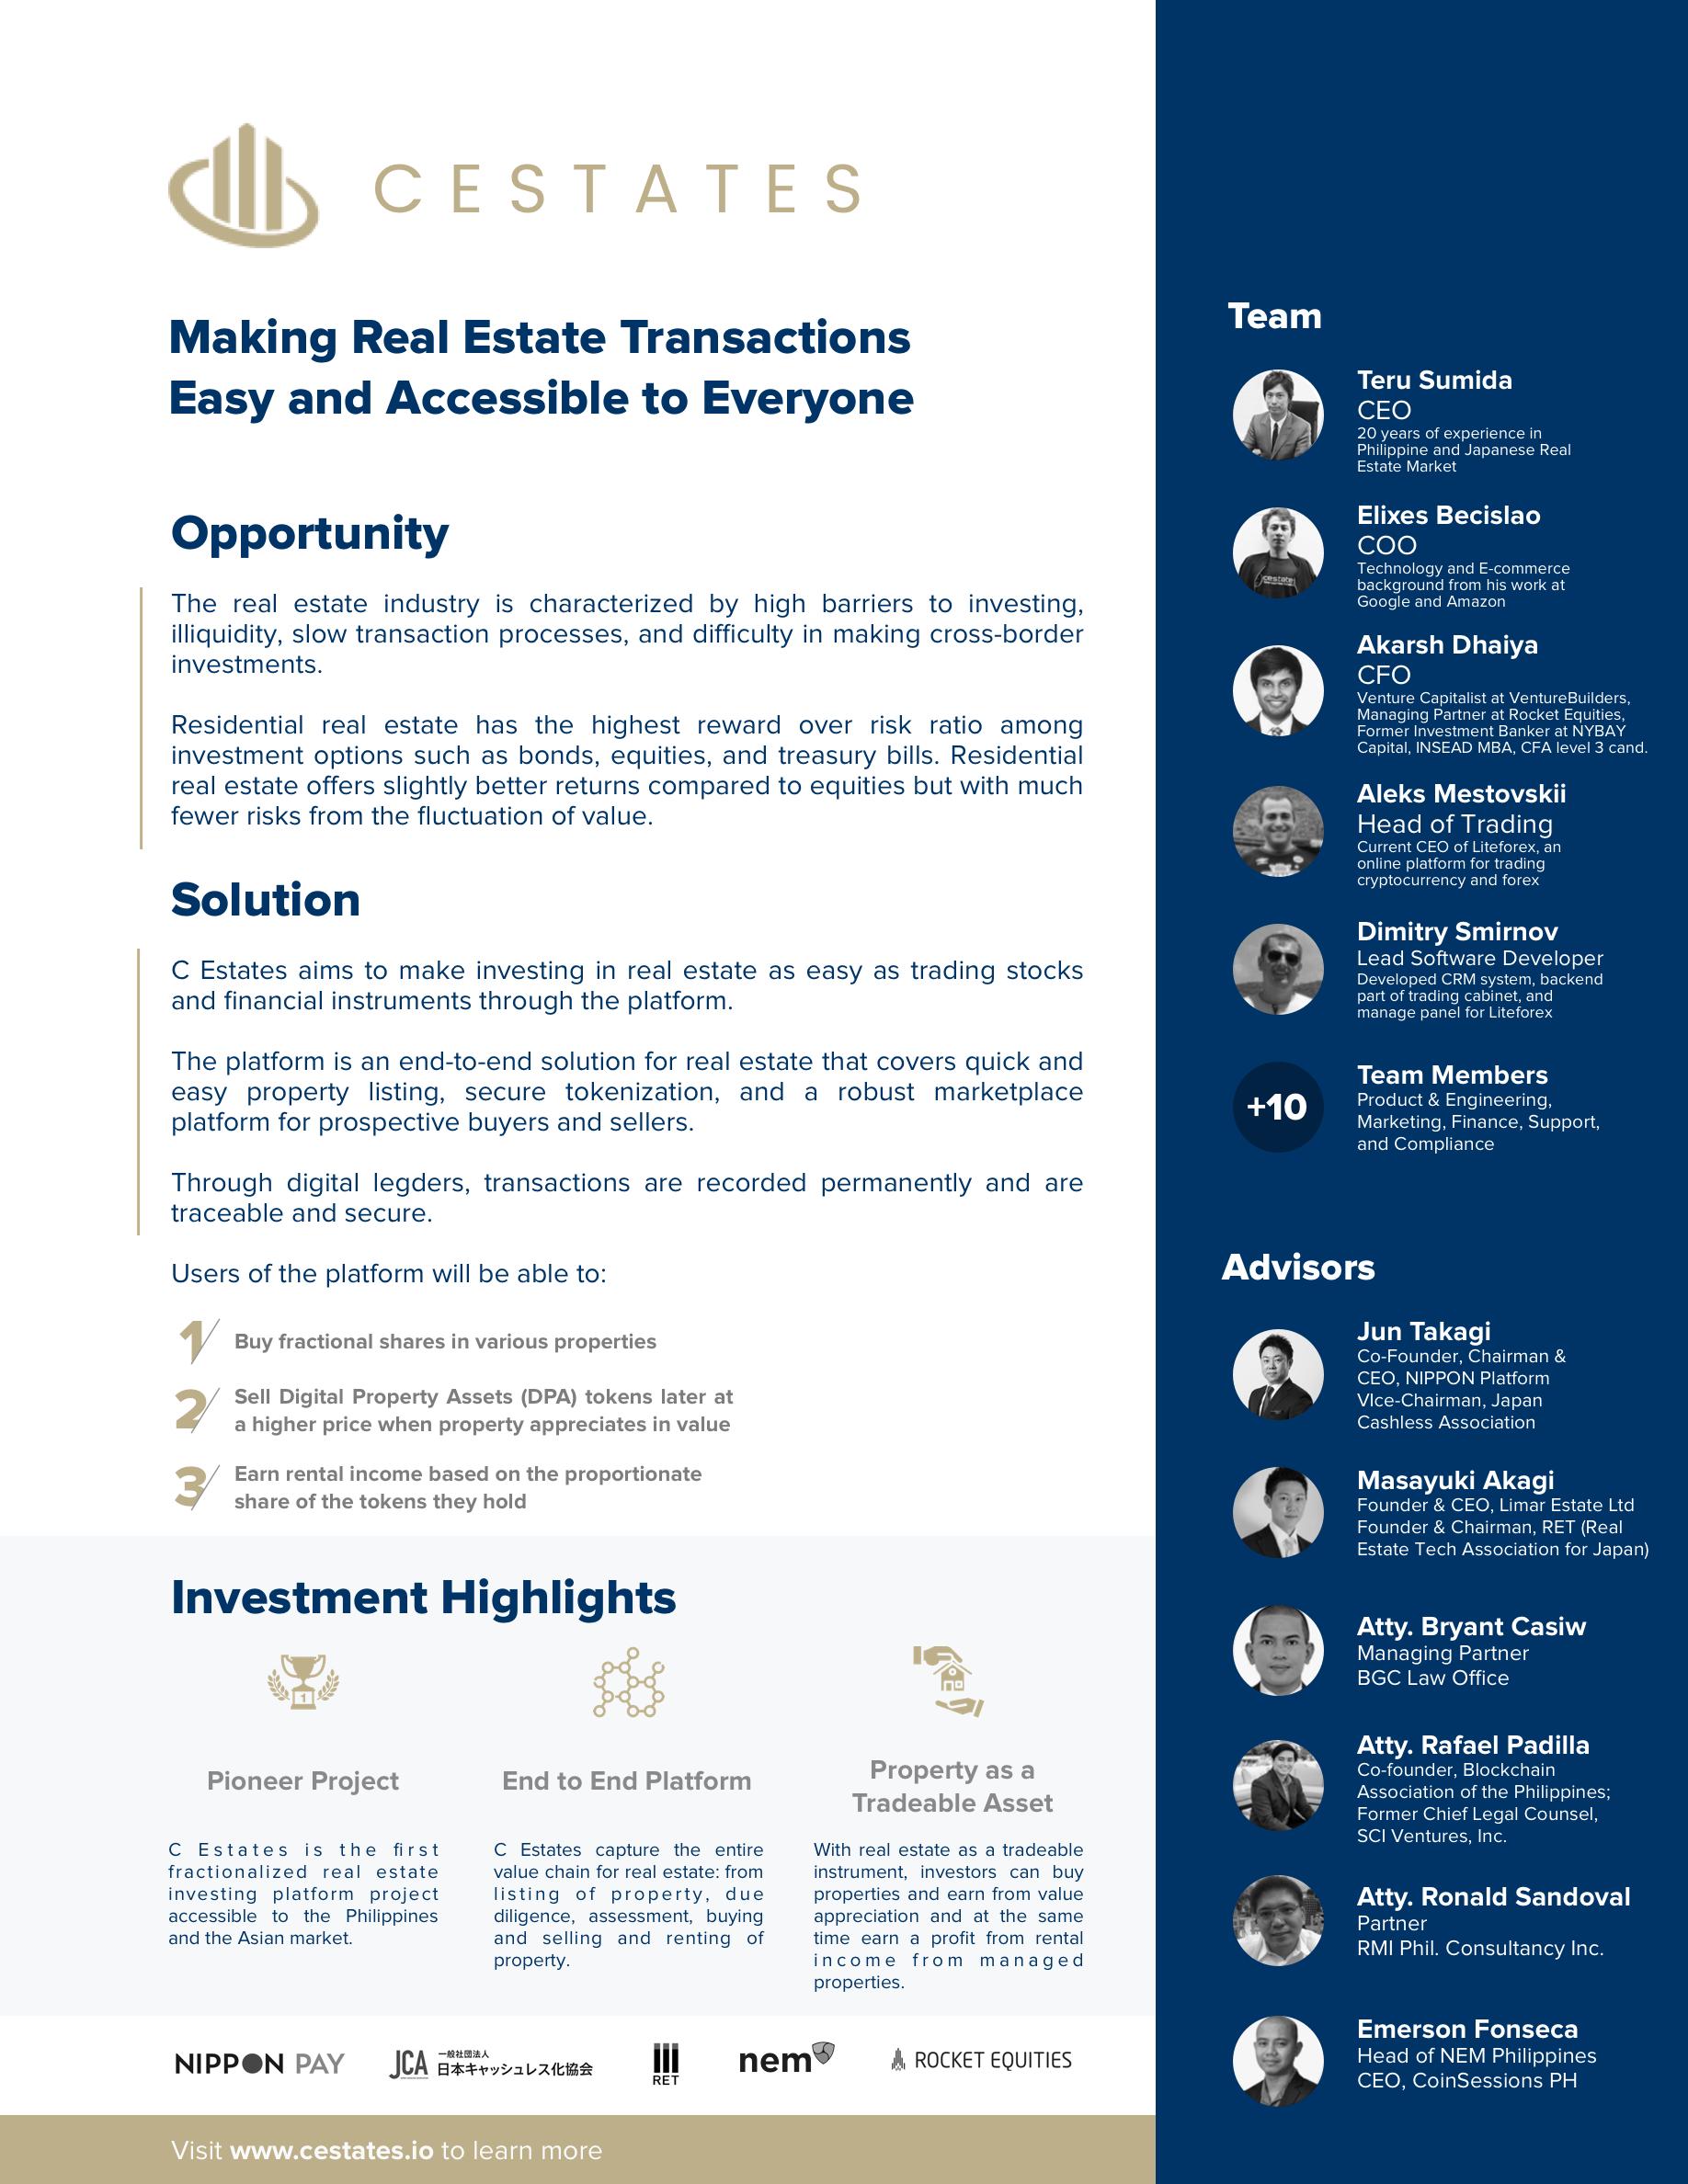 Real Estate Technology Powered by NEM - General Discussion - NEM Forum